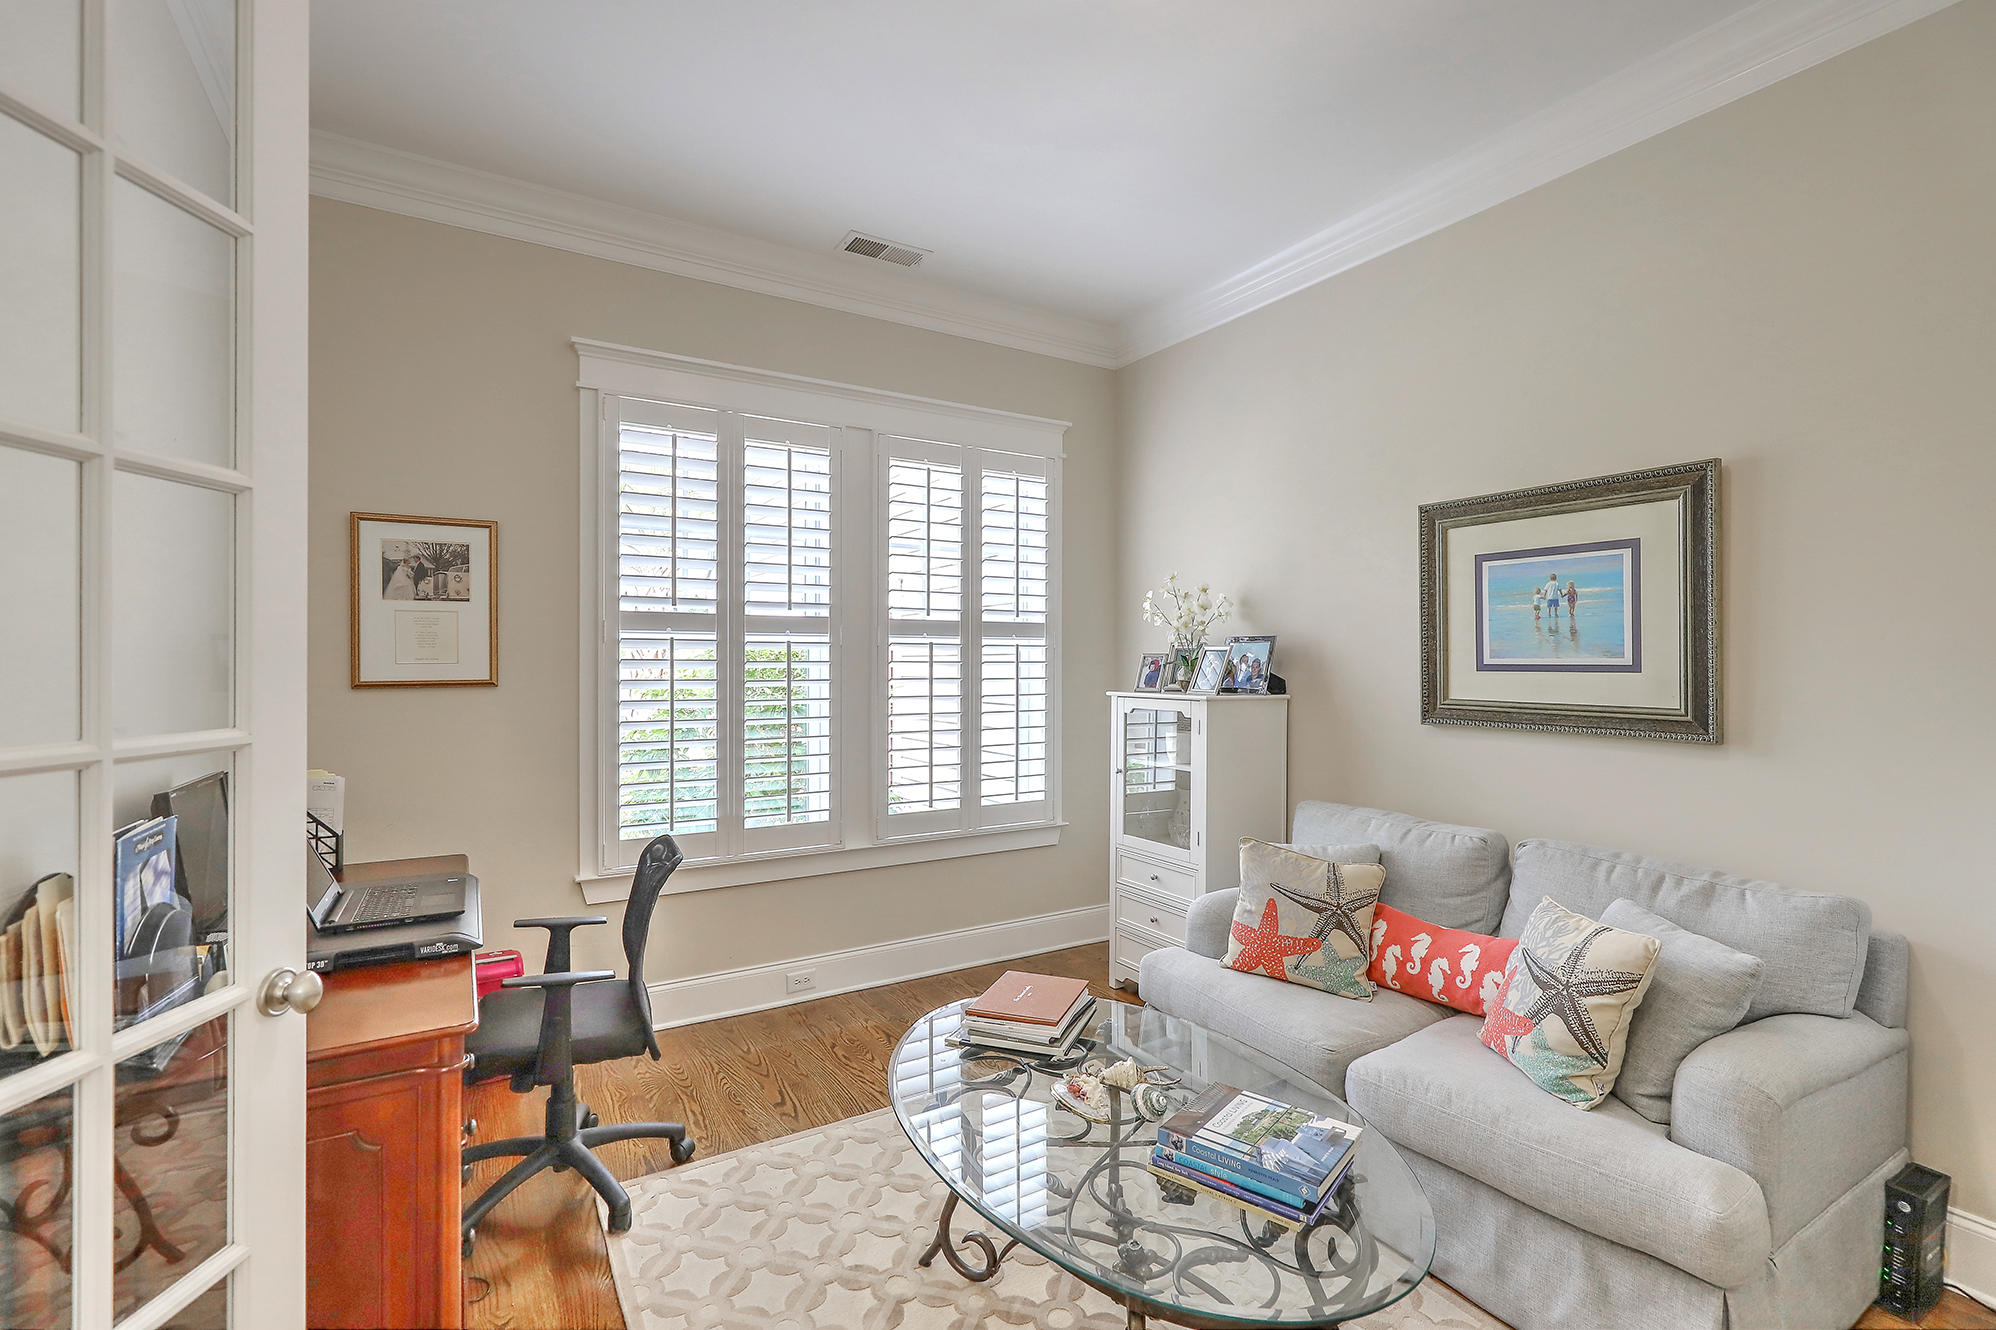 Park West Homes For Sale - 1516 Capel, Mount Pleasant, SC - 30